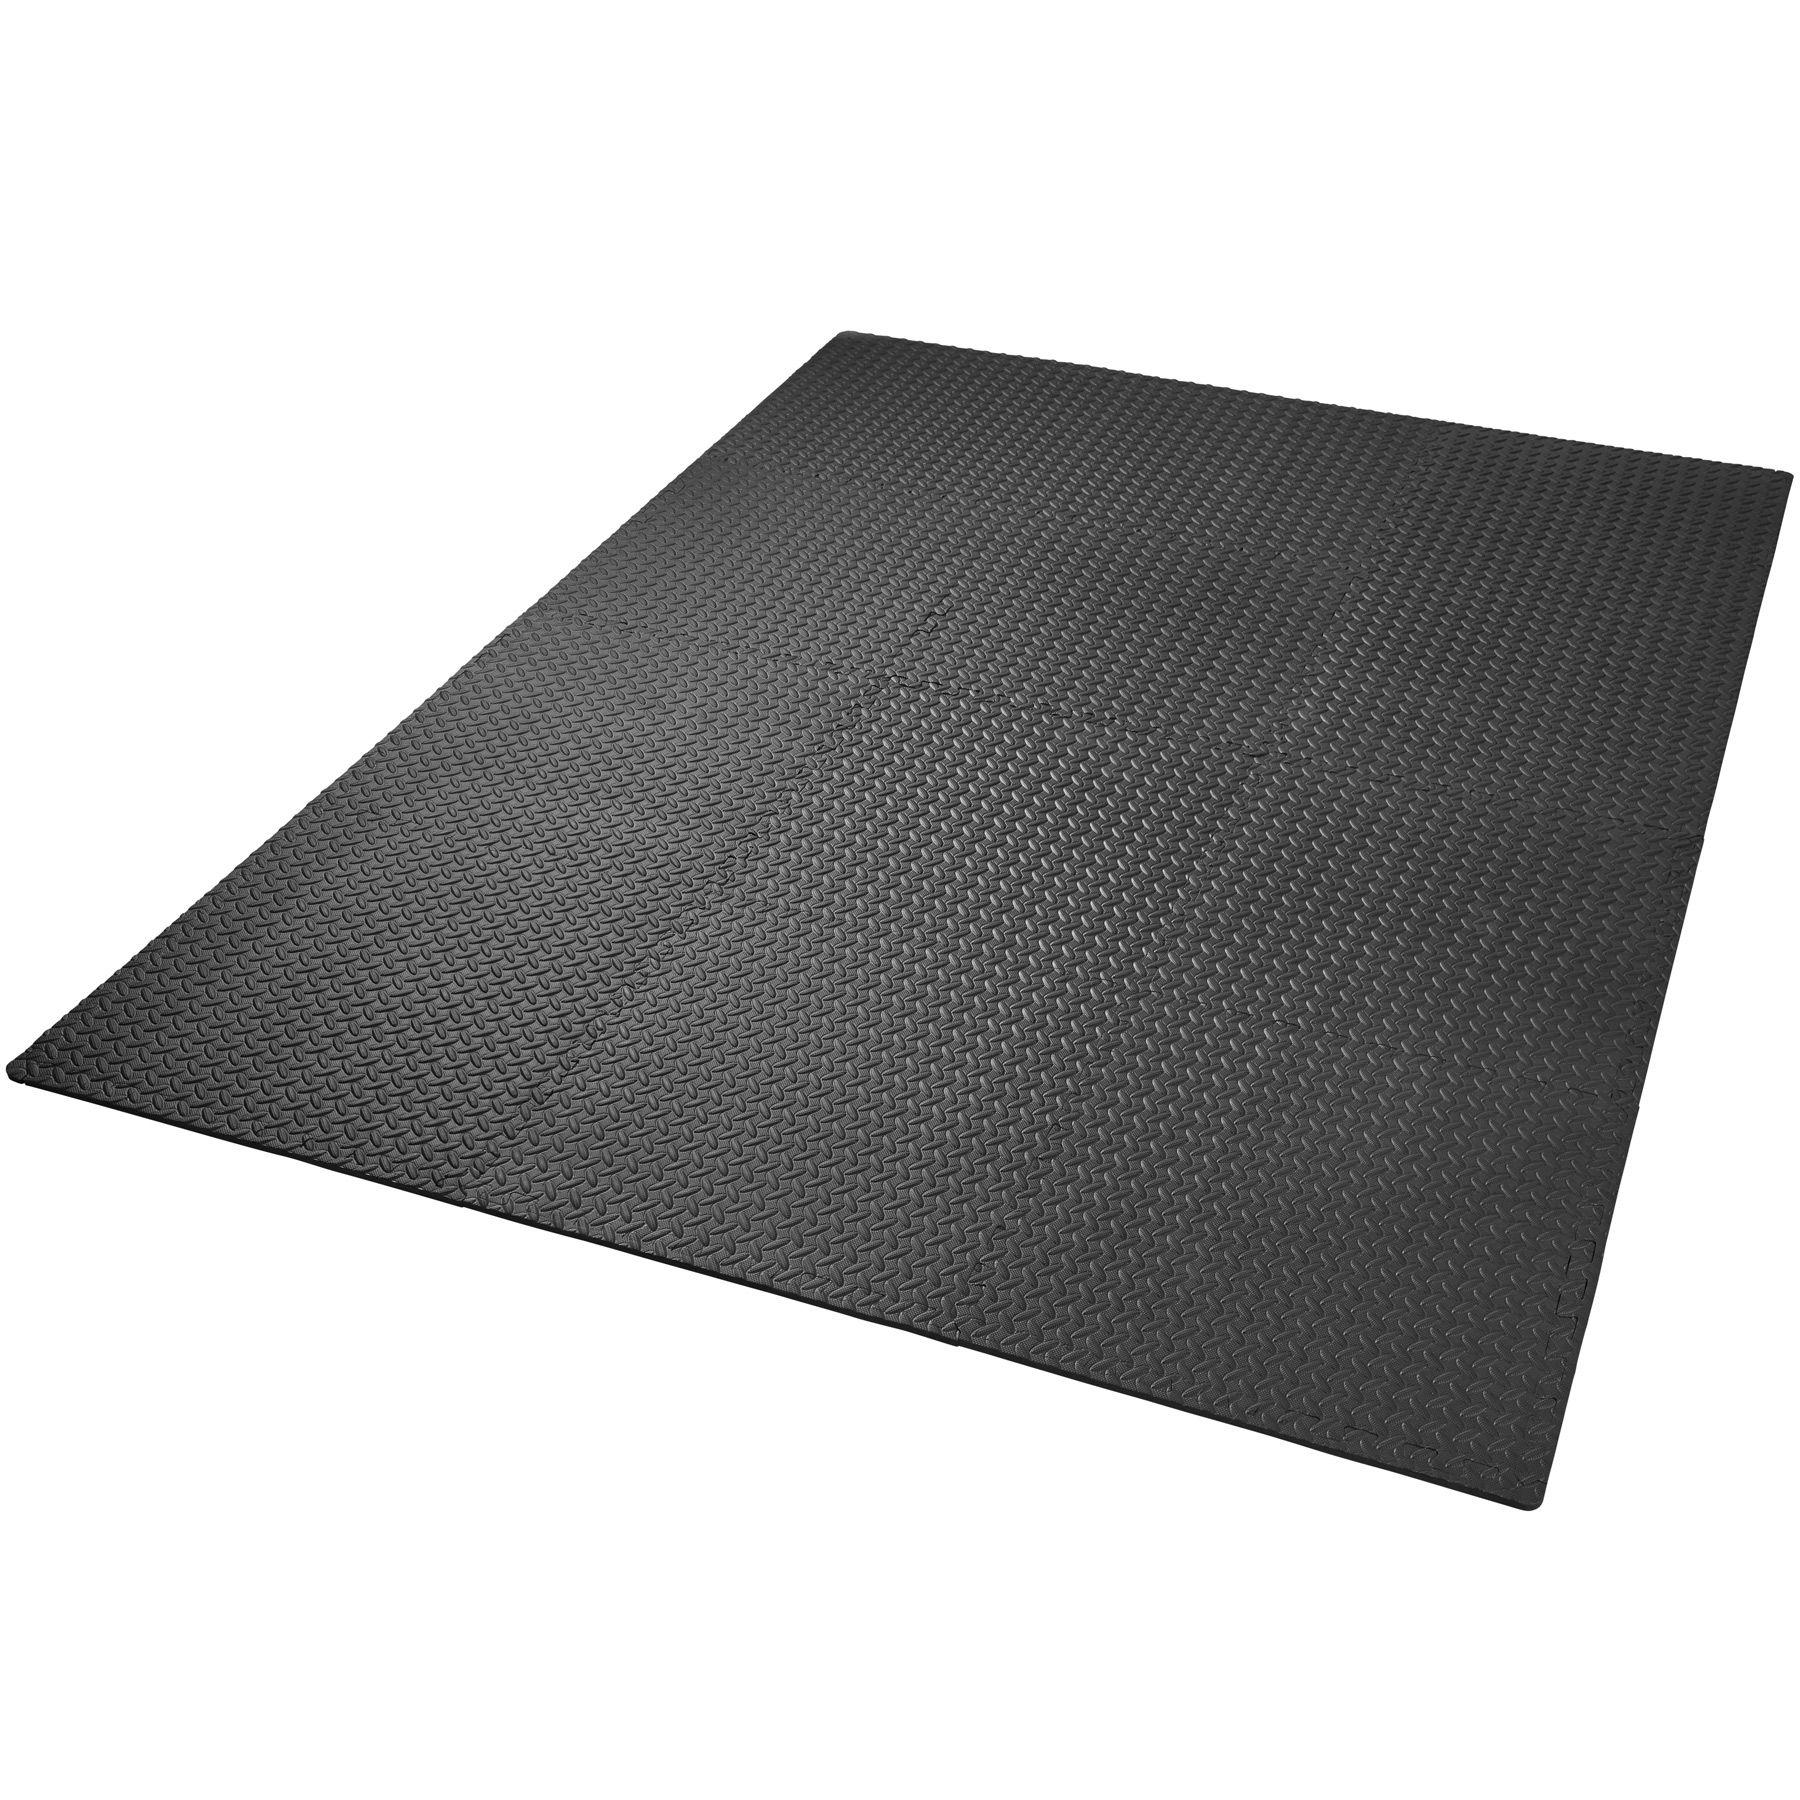 12x tapis mousse de sol ensemble tapis puzzle fitness protection gym eva 63x63cm ebay. Black Bedroom Furniture Sets. Home Design Ideas